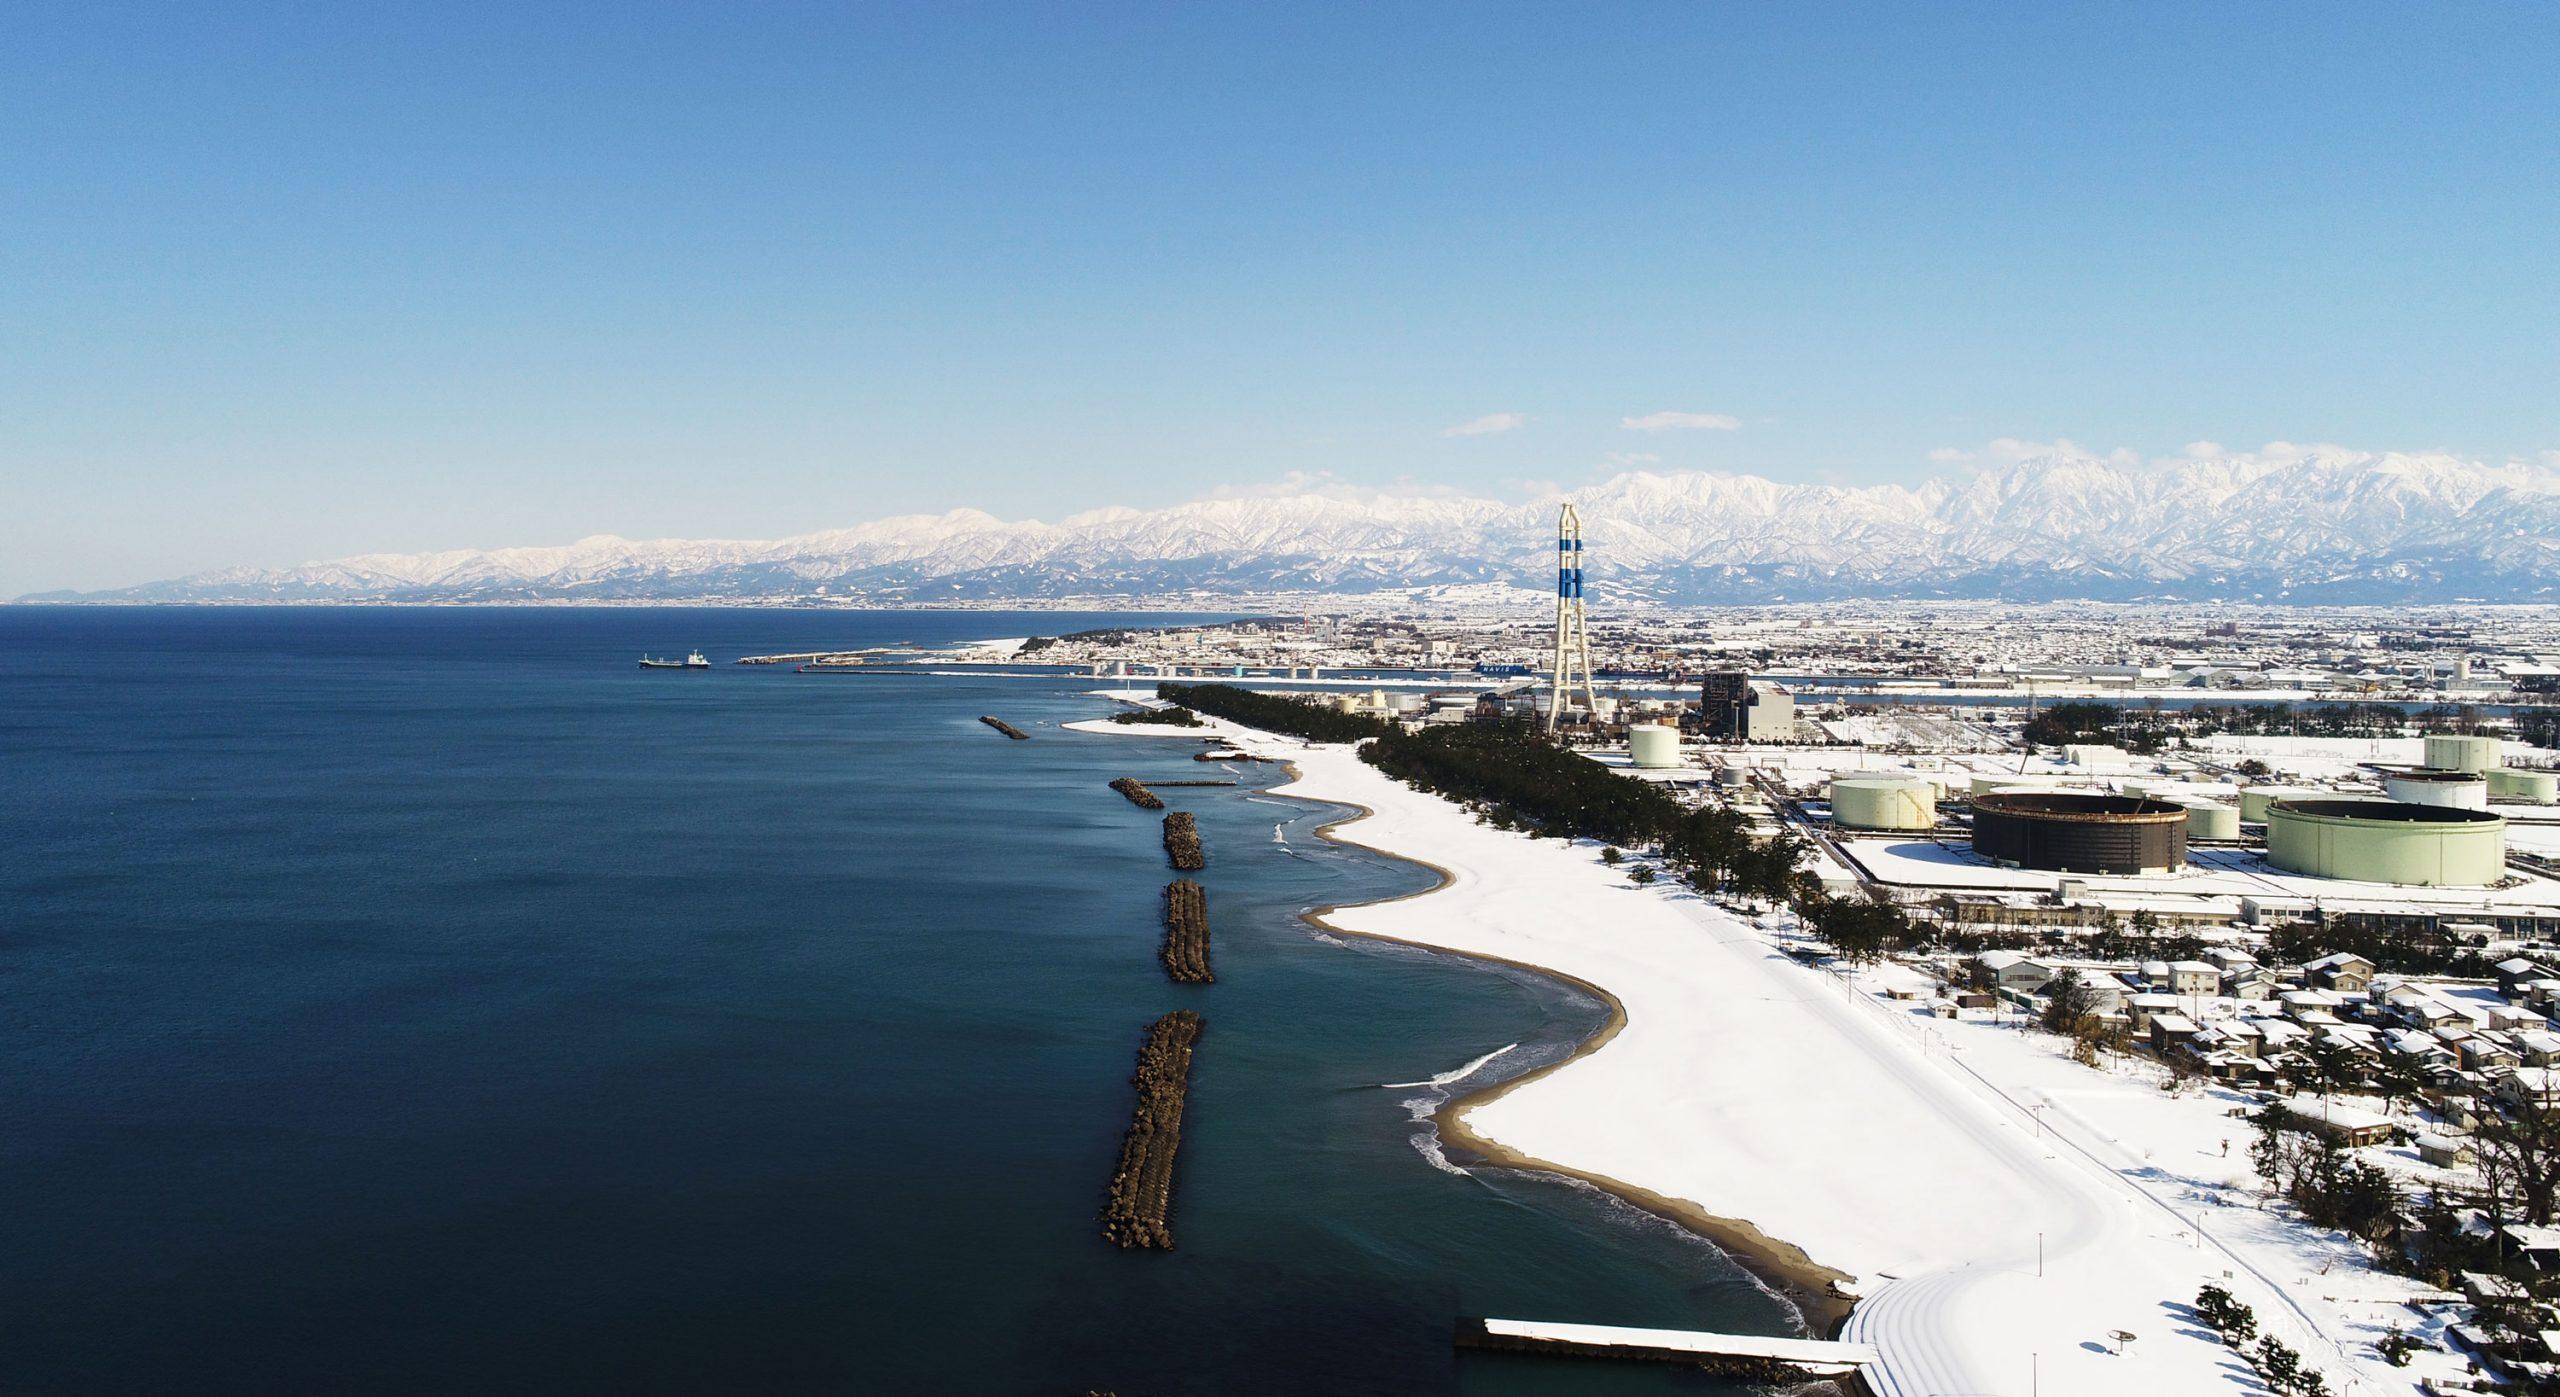 空から見る雪化粧した富山湾と立山連峰